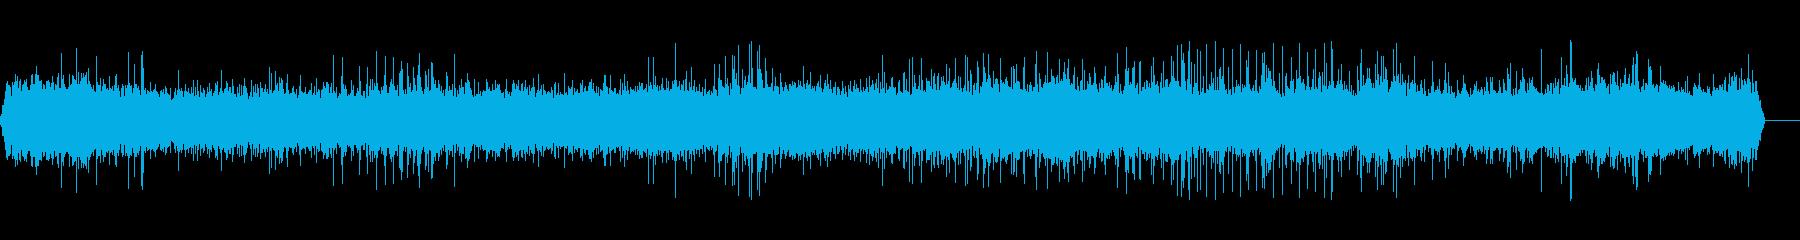 デパート-ロビー、の再生済みの波形